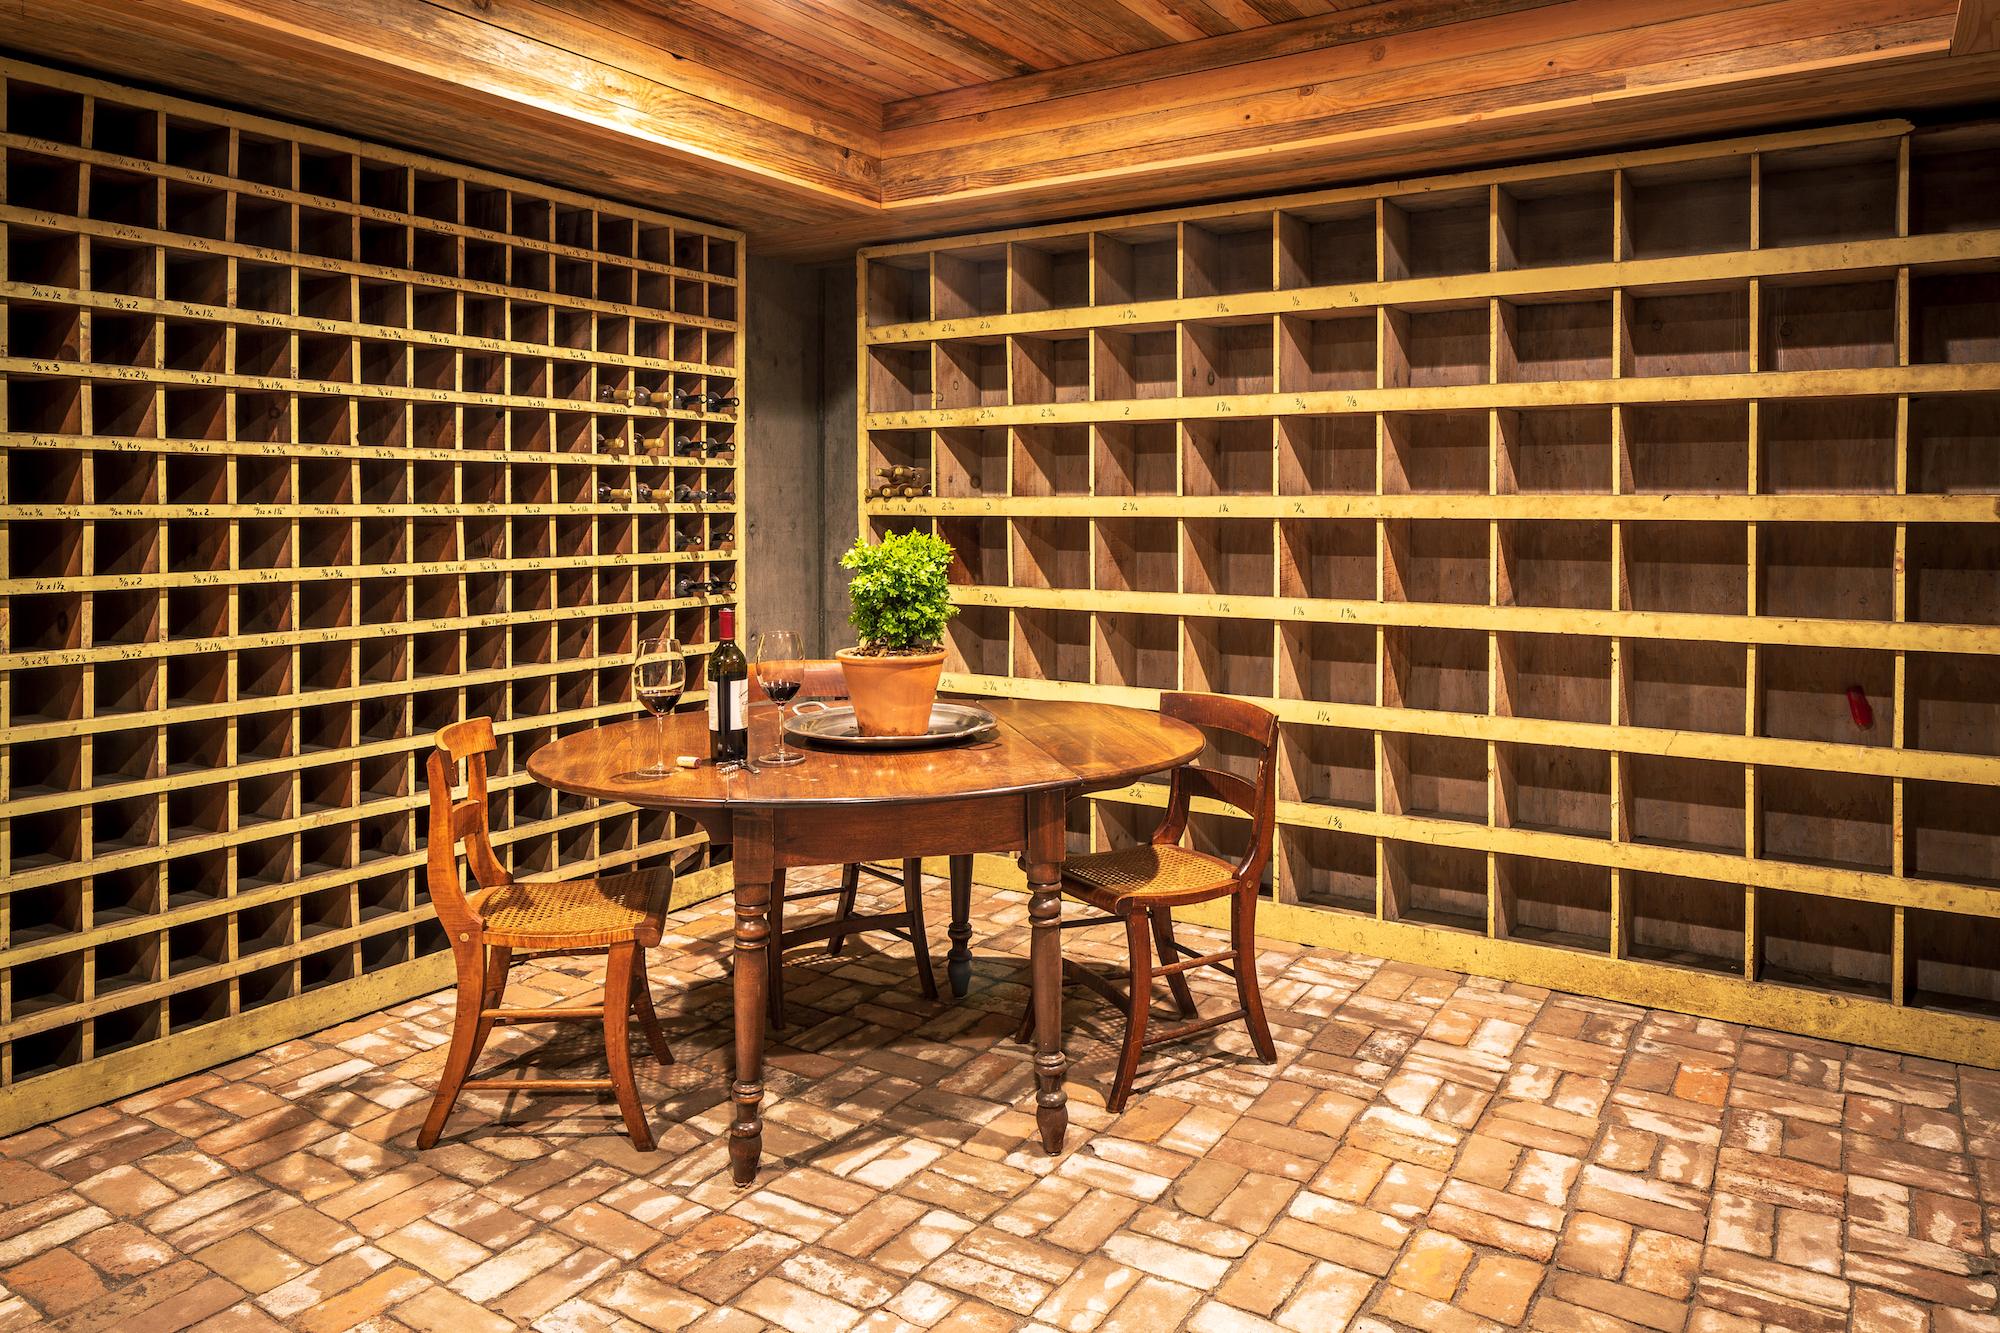 KimCarroll.com - 227 North -6.jpg